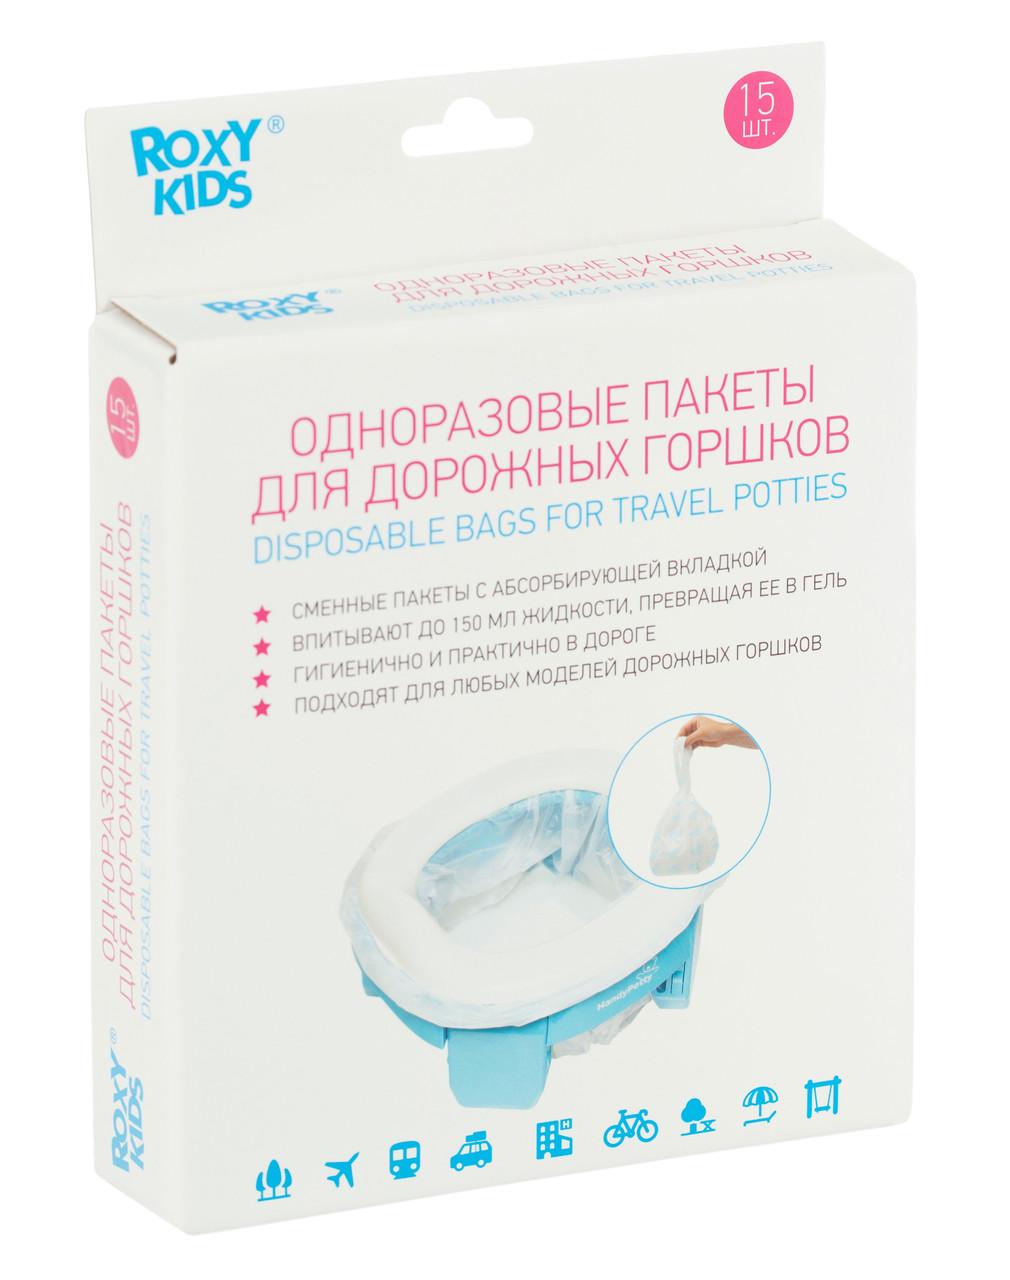 Одноразовые сменные пакеты для дорожных горшков (15 шт./уп.) РФ - фото 2